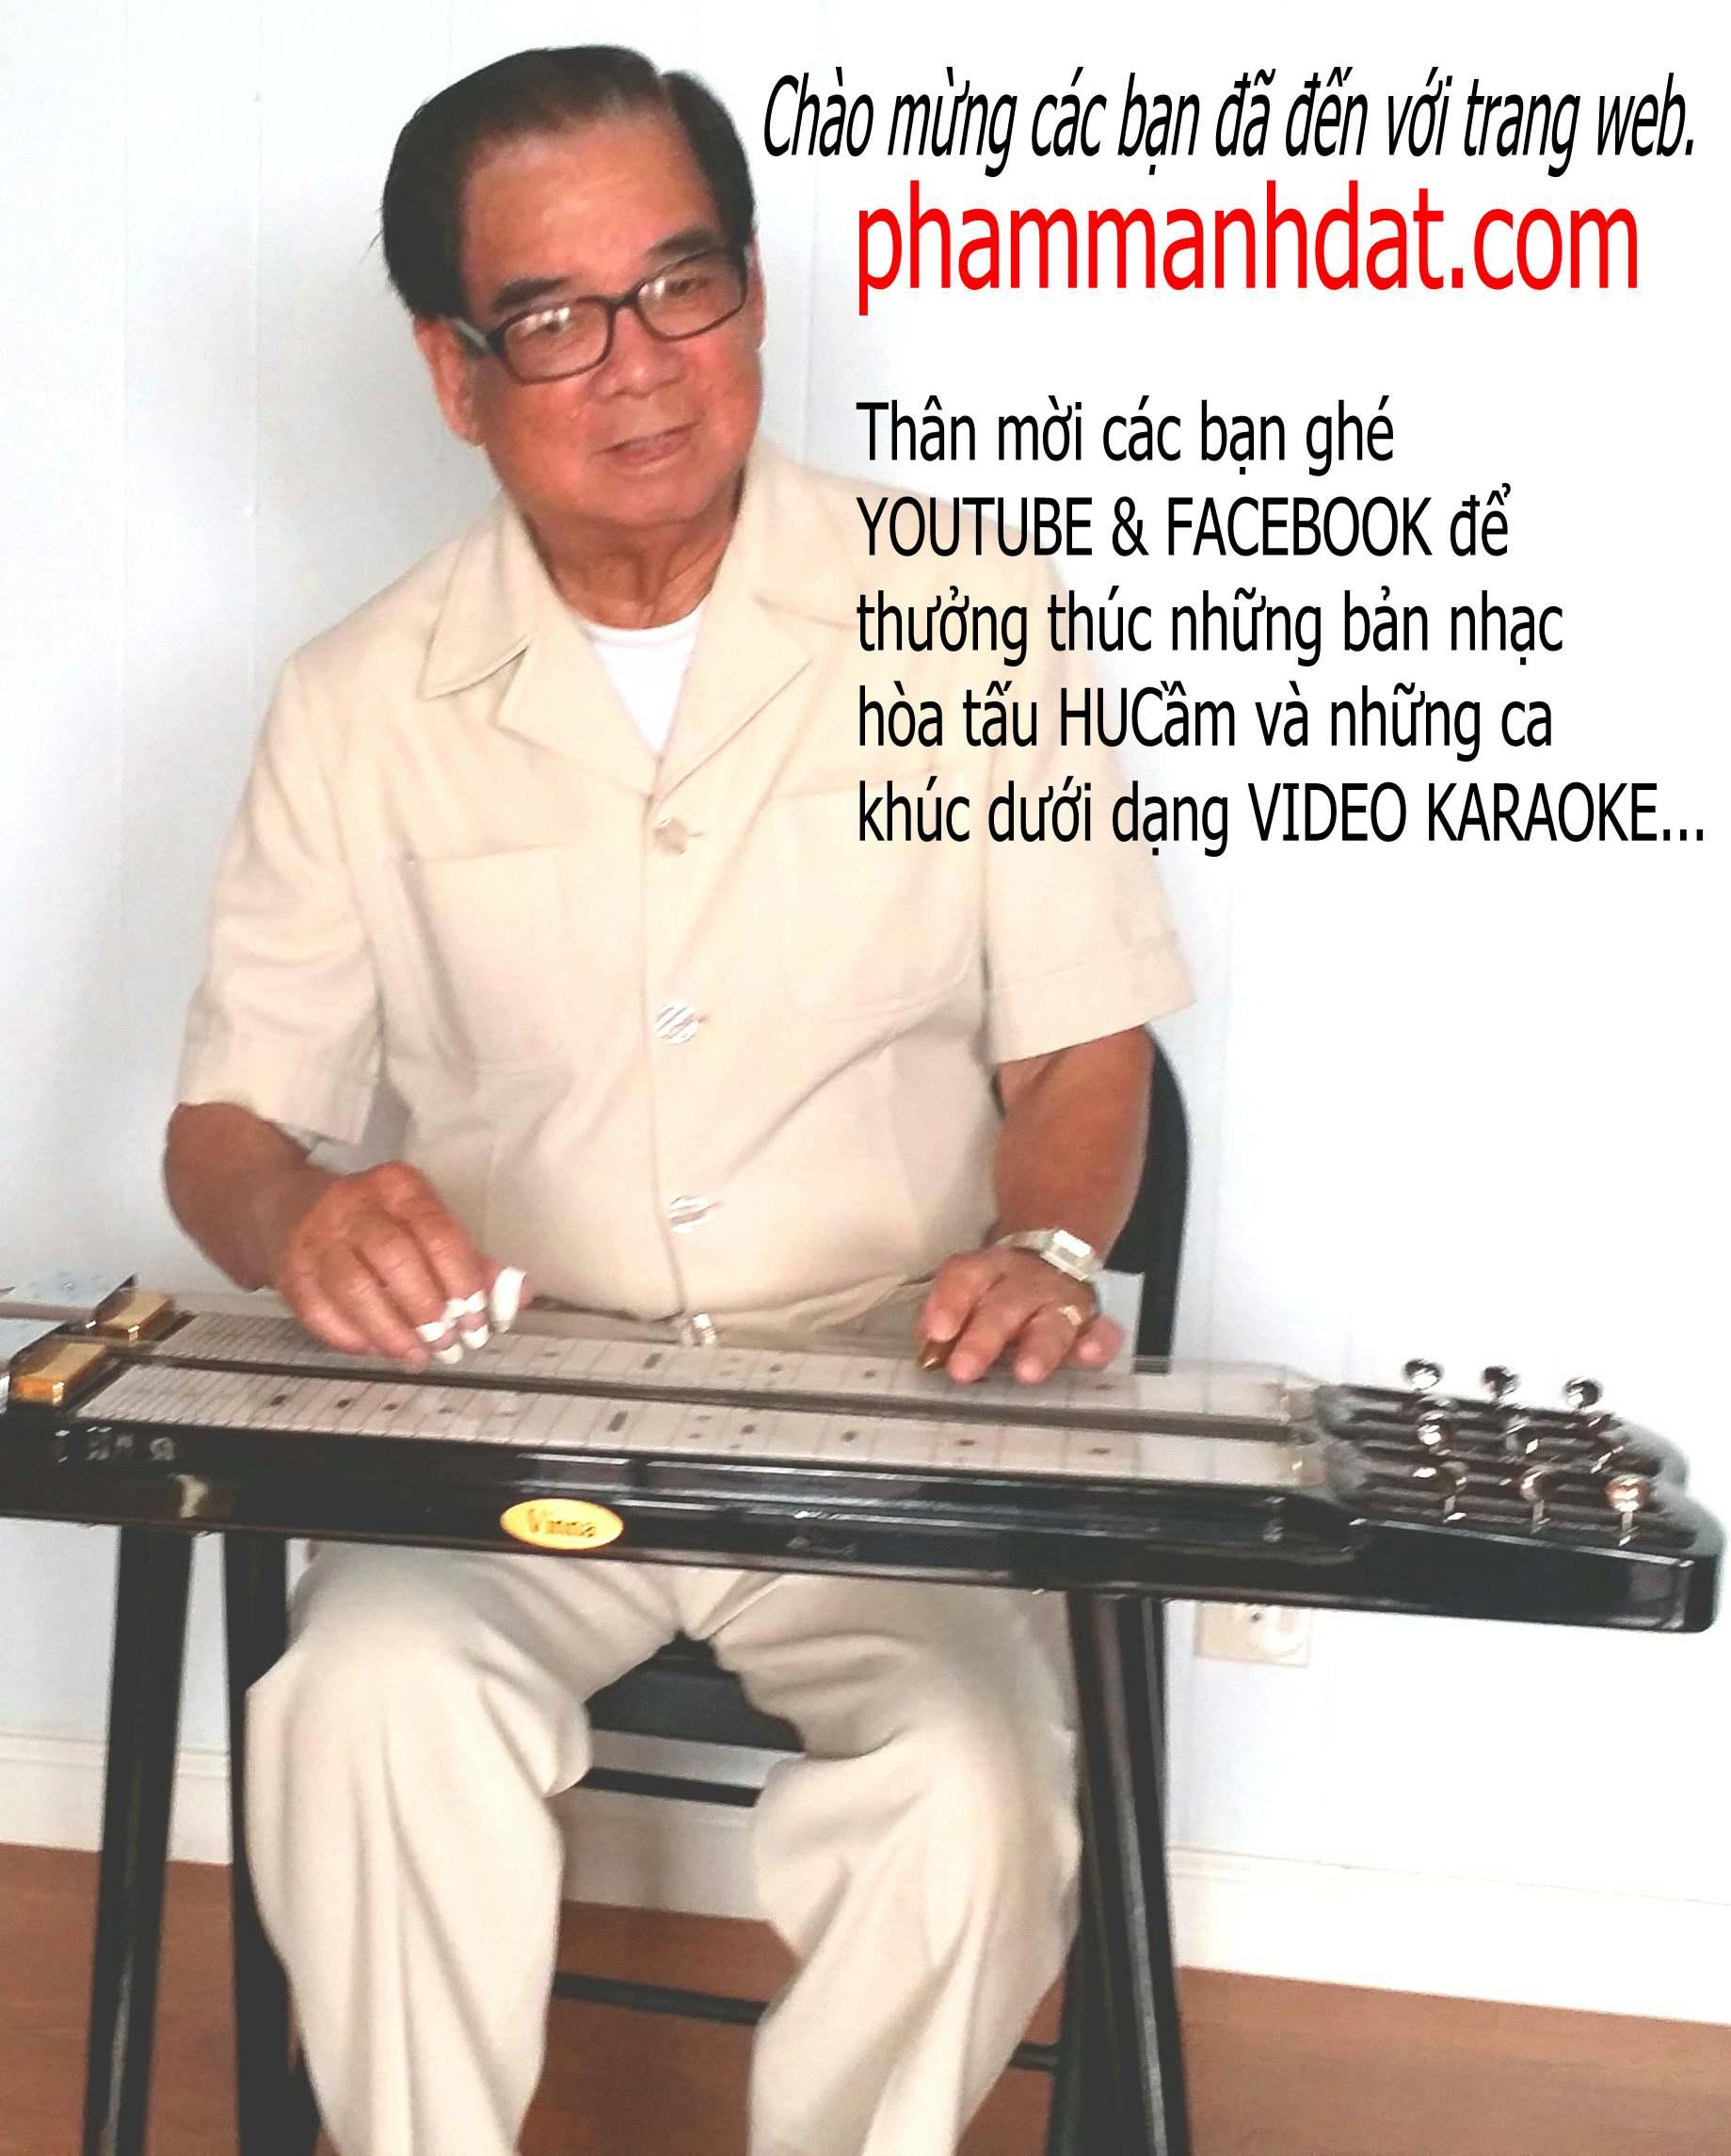 Nhac sy Pham Manh Dat